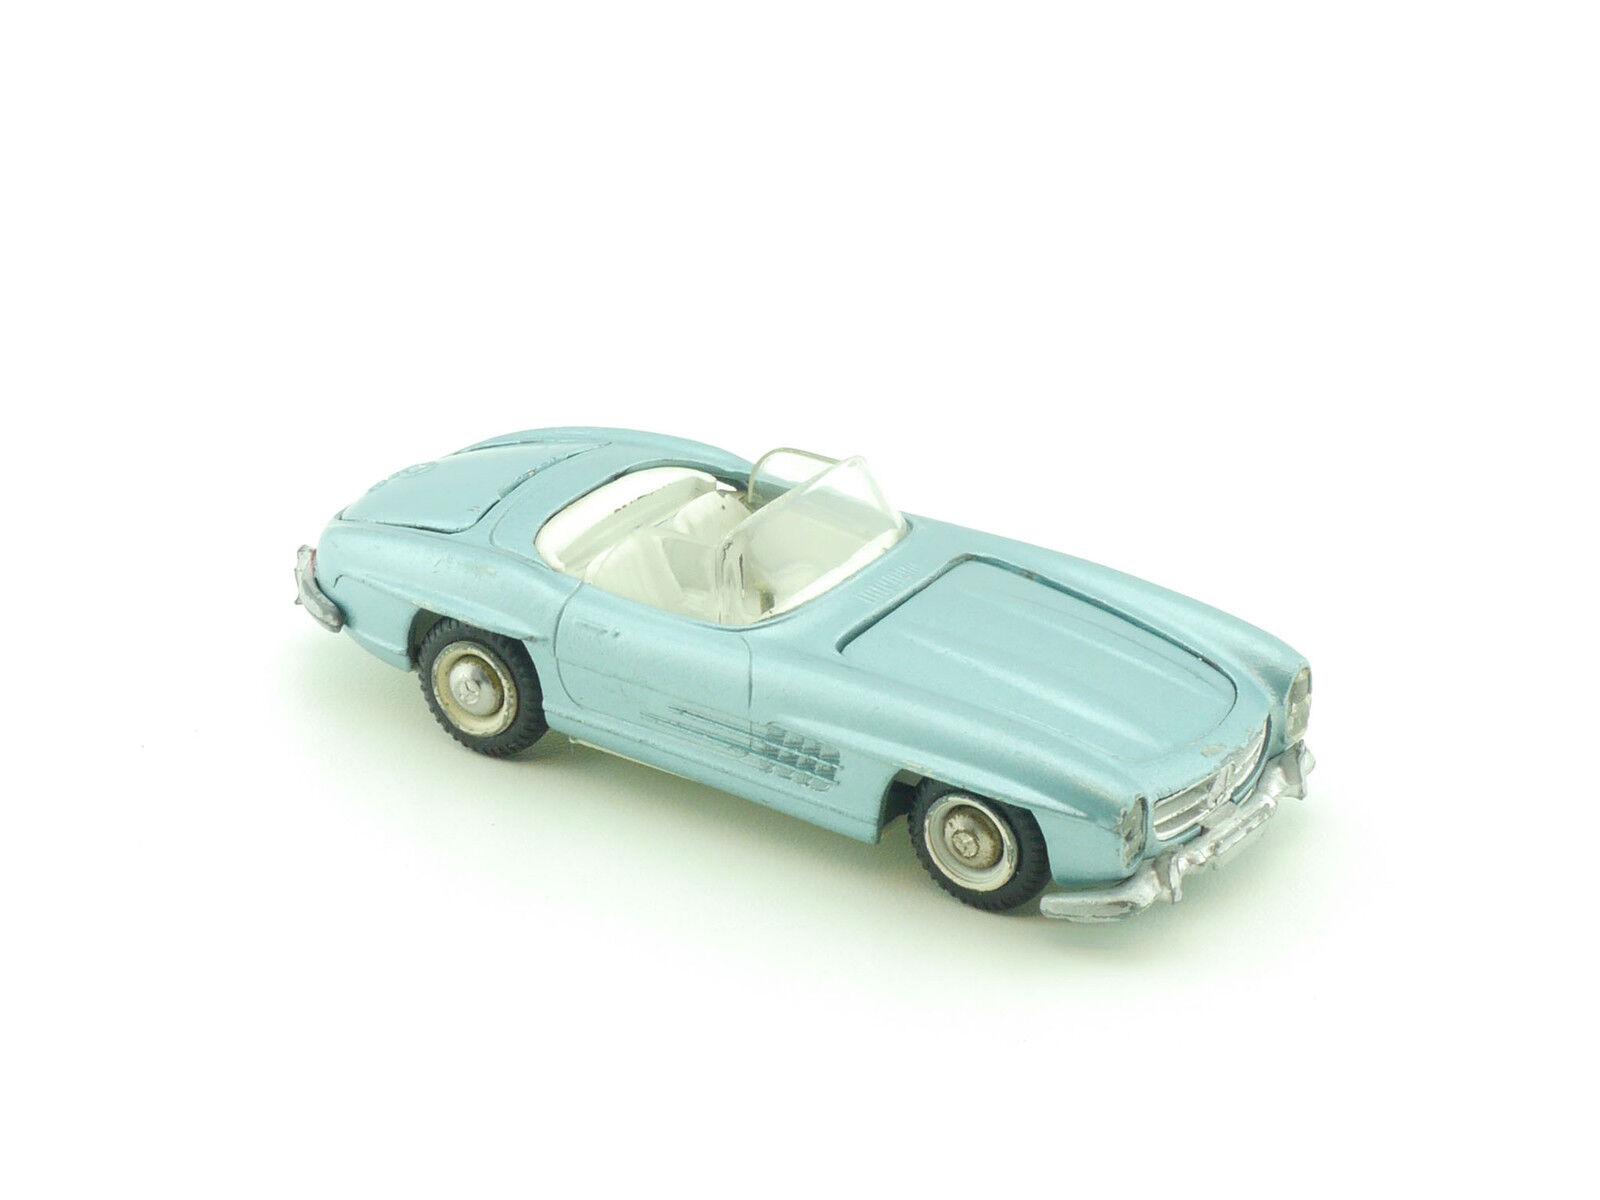 TEKNO 924 MERCEDES MB 300 SL W 198 Roadster Cabriolet Bleu Clair Métallisé 1411-30-27